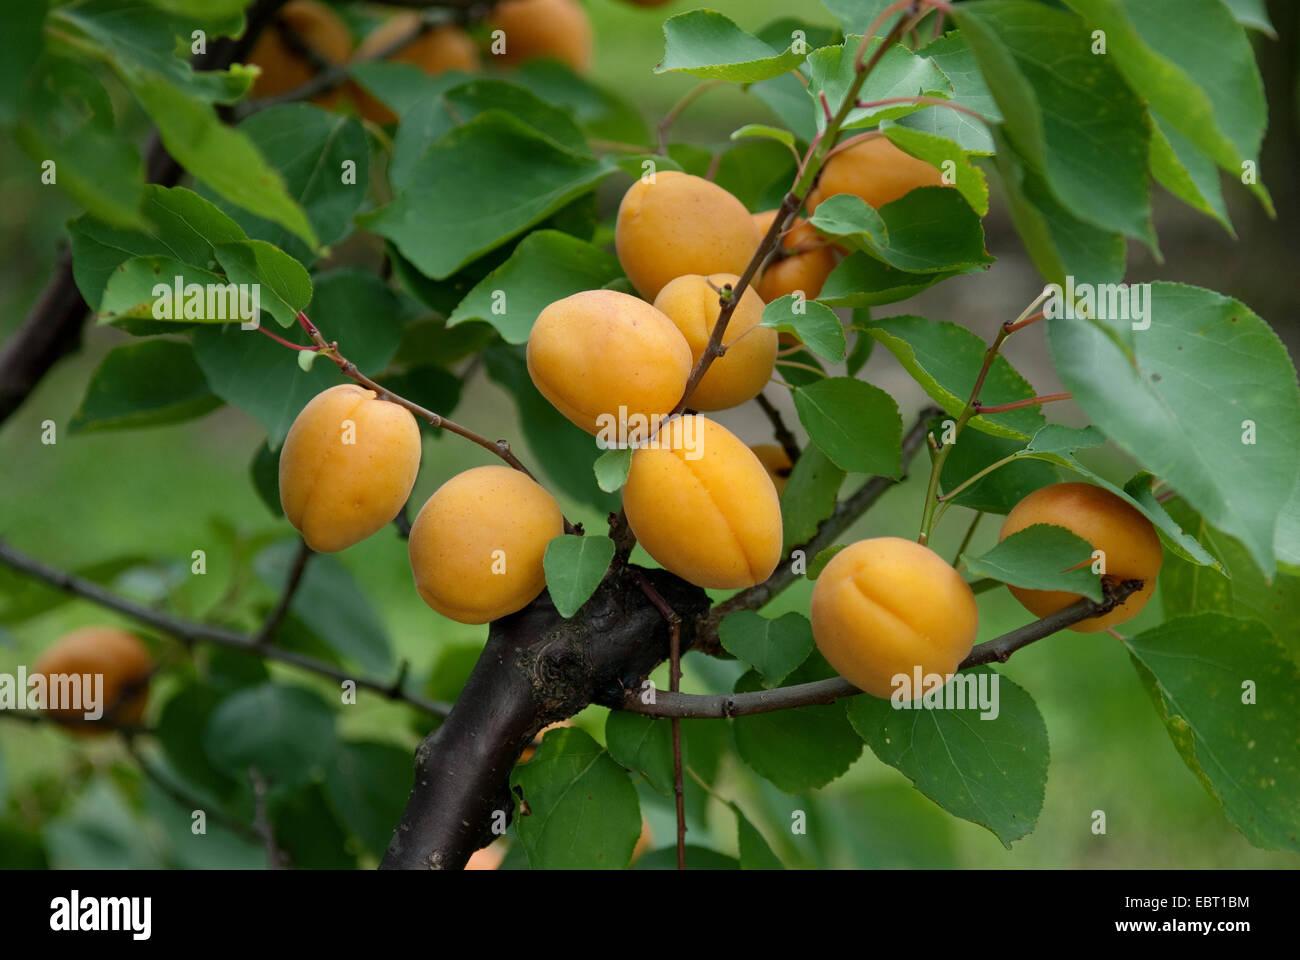 apricot tree (Prunus armeniaca 'Goldrich', Prunus armeniaca Goldrich), cultivar Goldrich, apricots on a - Stock Image